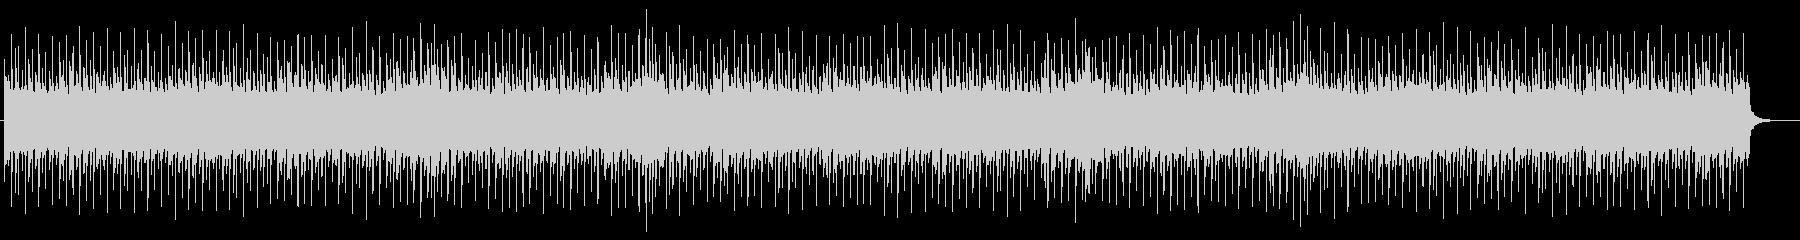 ナレーションバックに~DISCOポップの未再生の波形